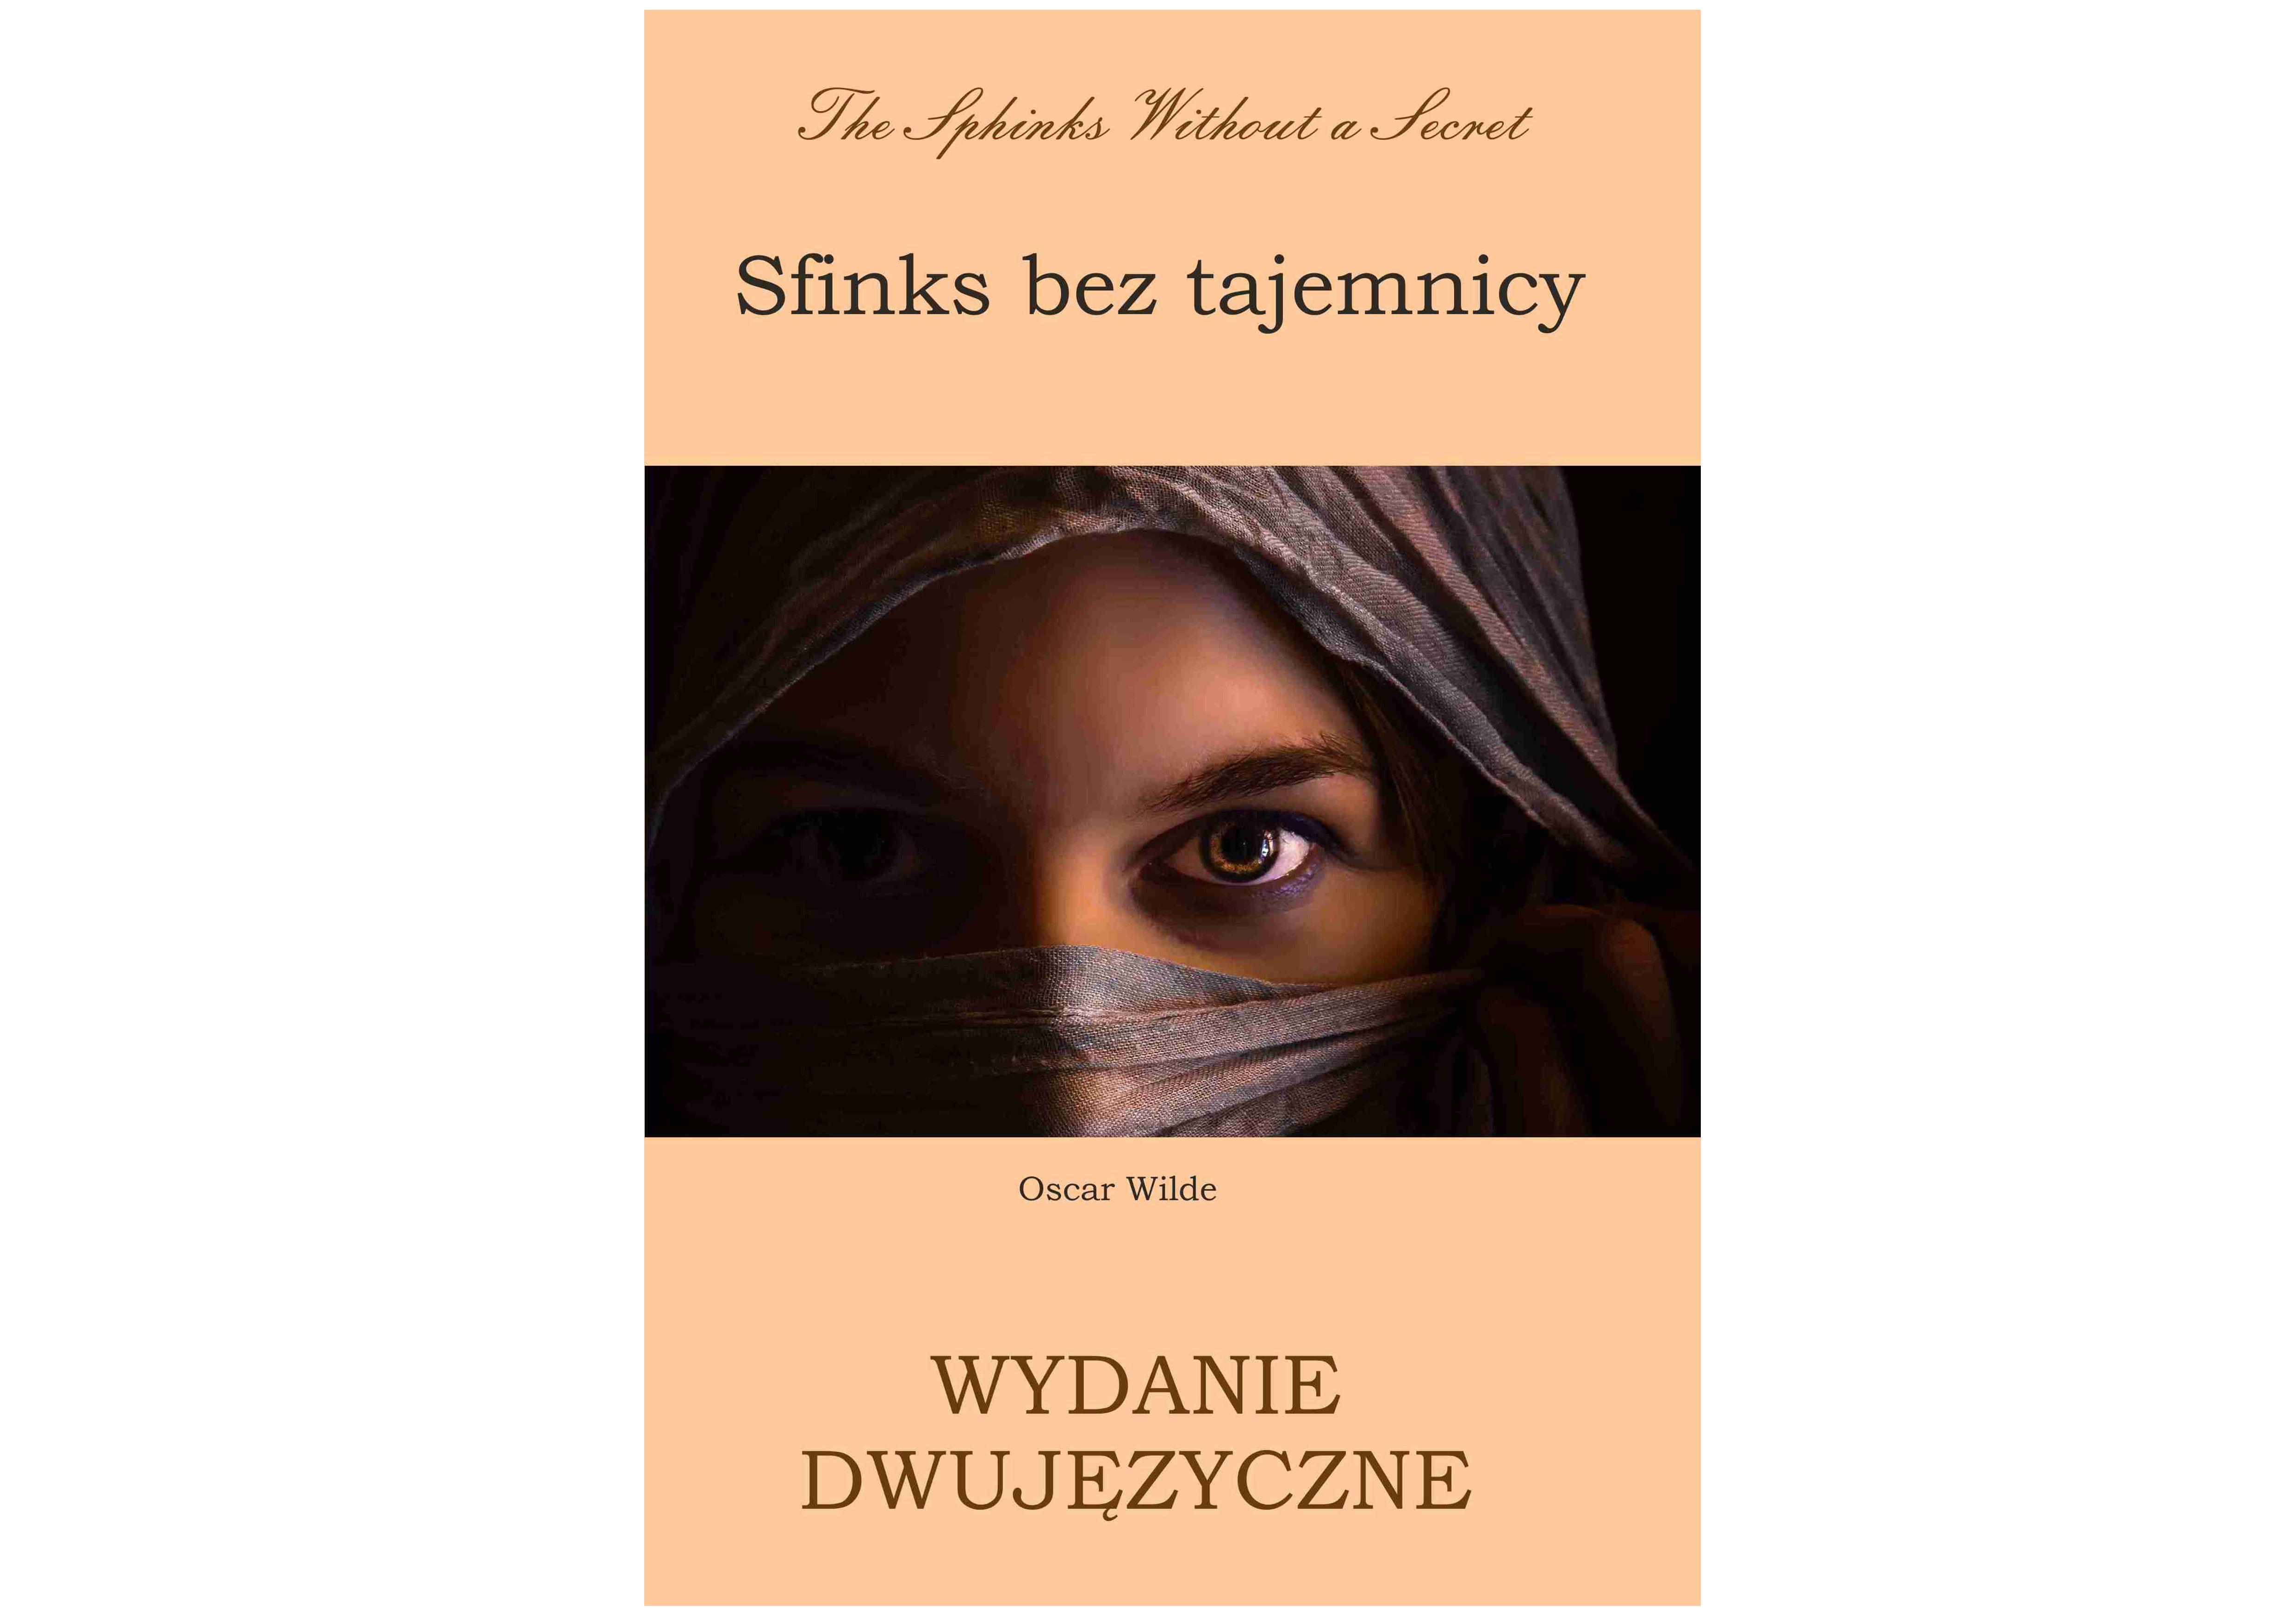 sfinks bez tajemnicy Oscar Wilde ebook pdf dwujęzyczne ebooki